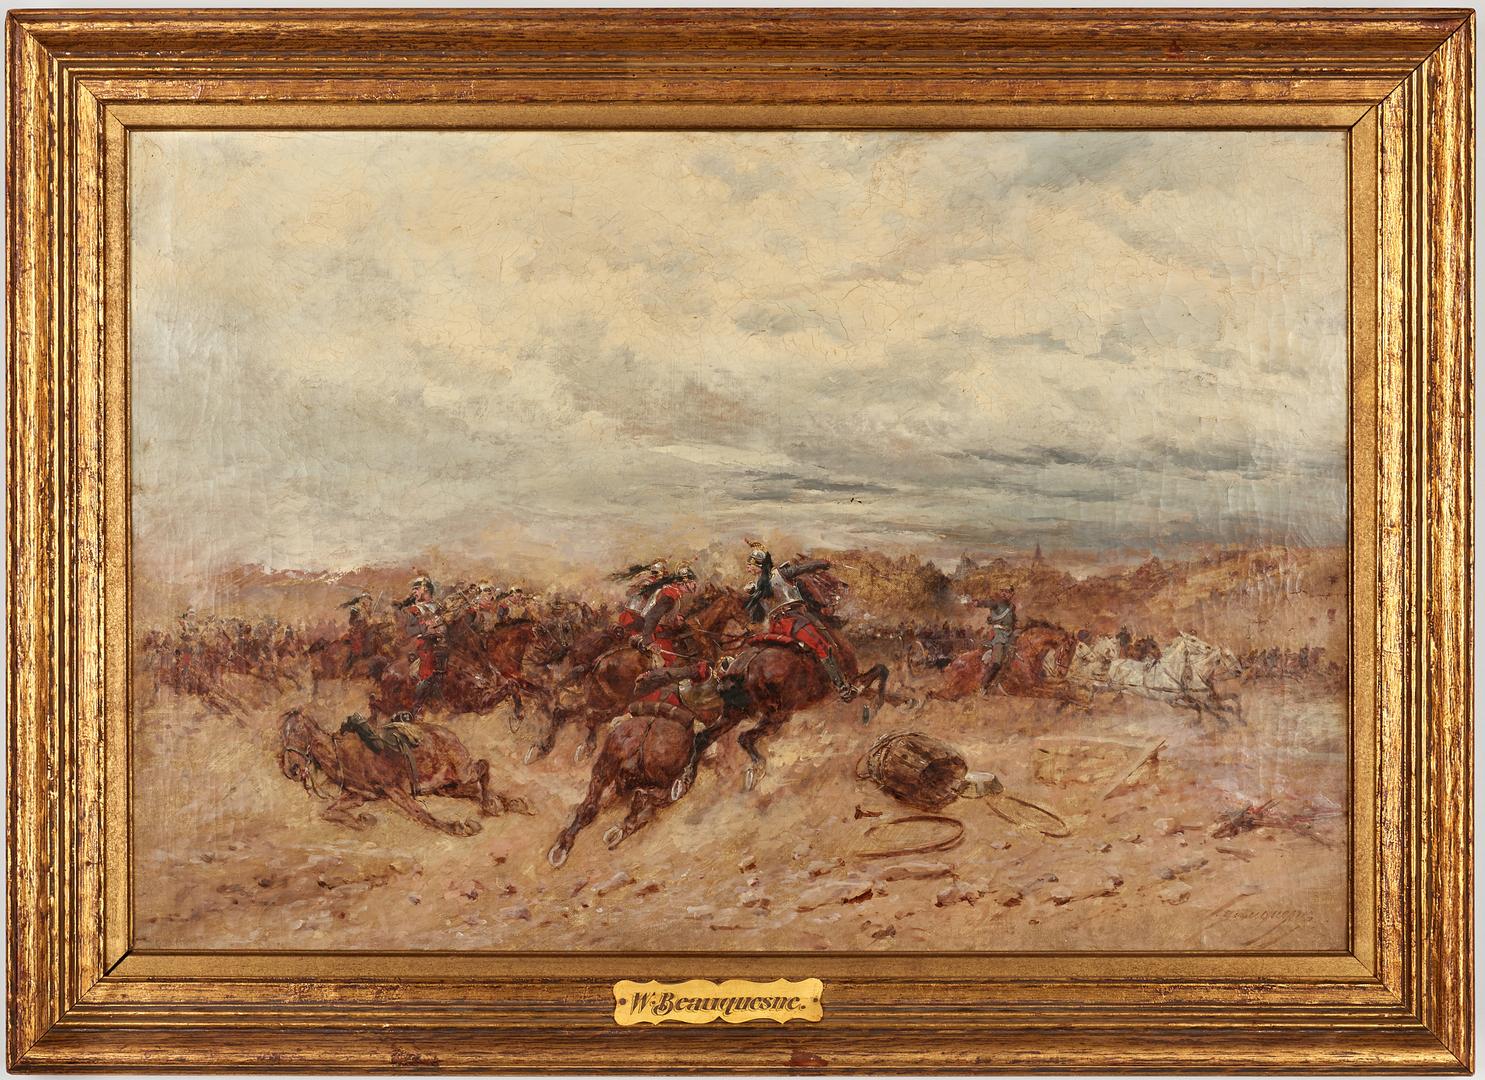 Lot 626: Wilfrid C. Beauquesne O/C Battle Scene